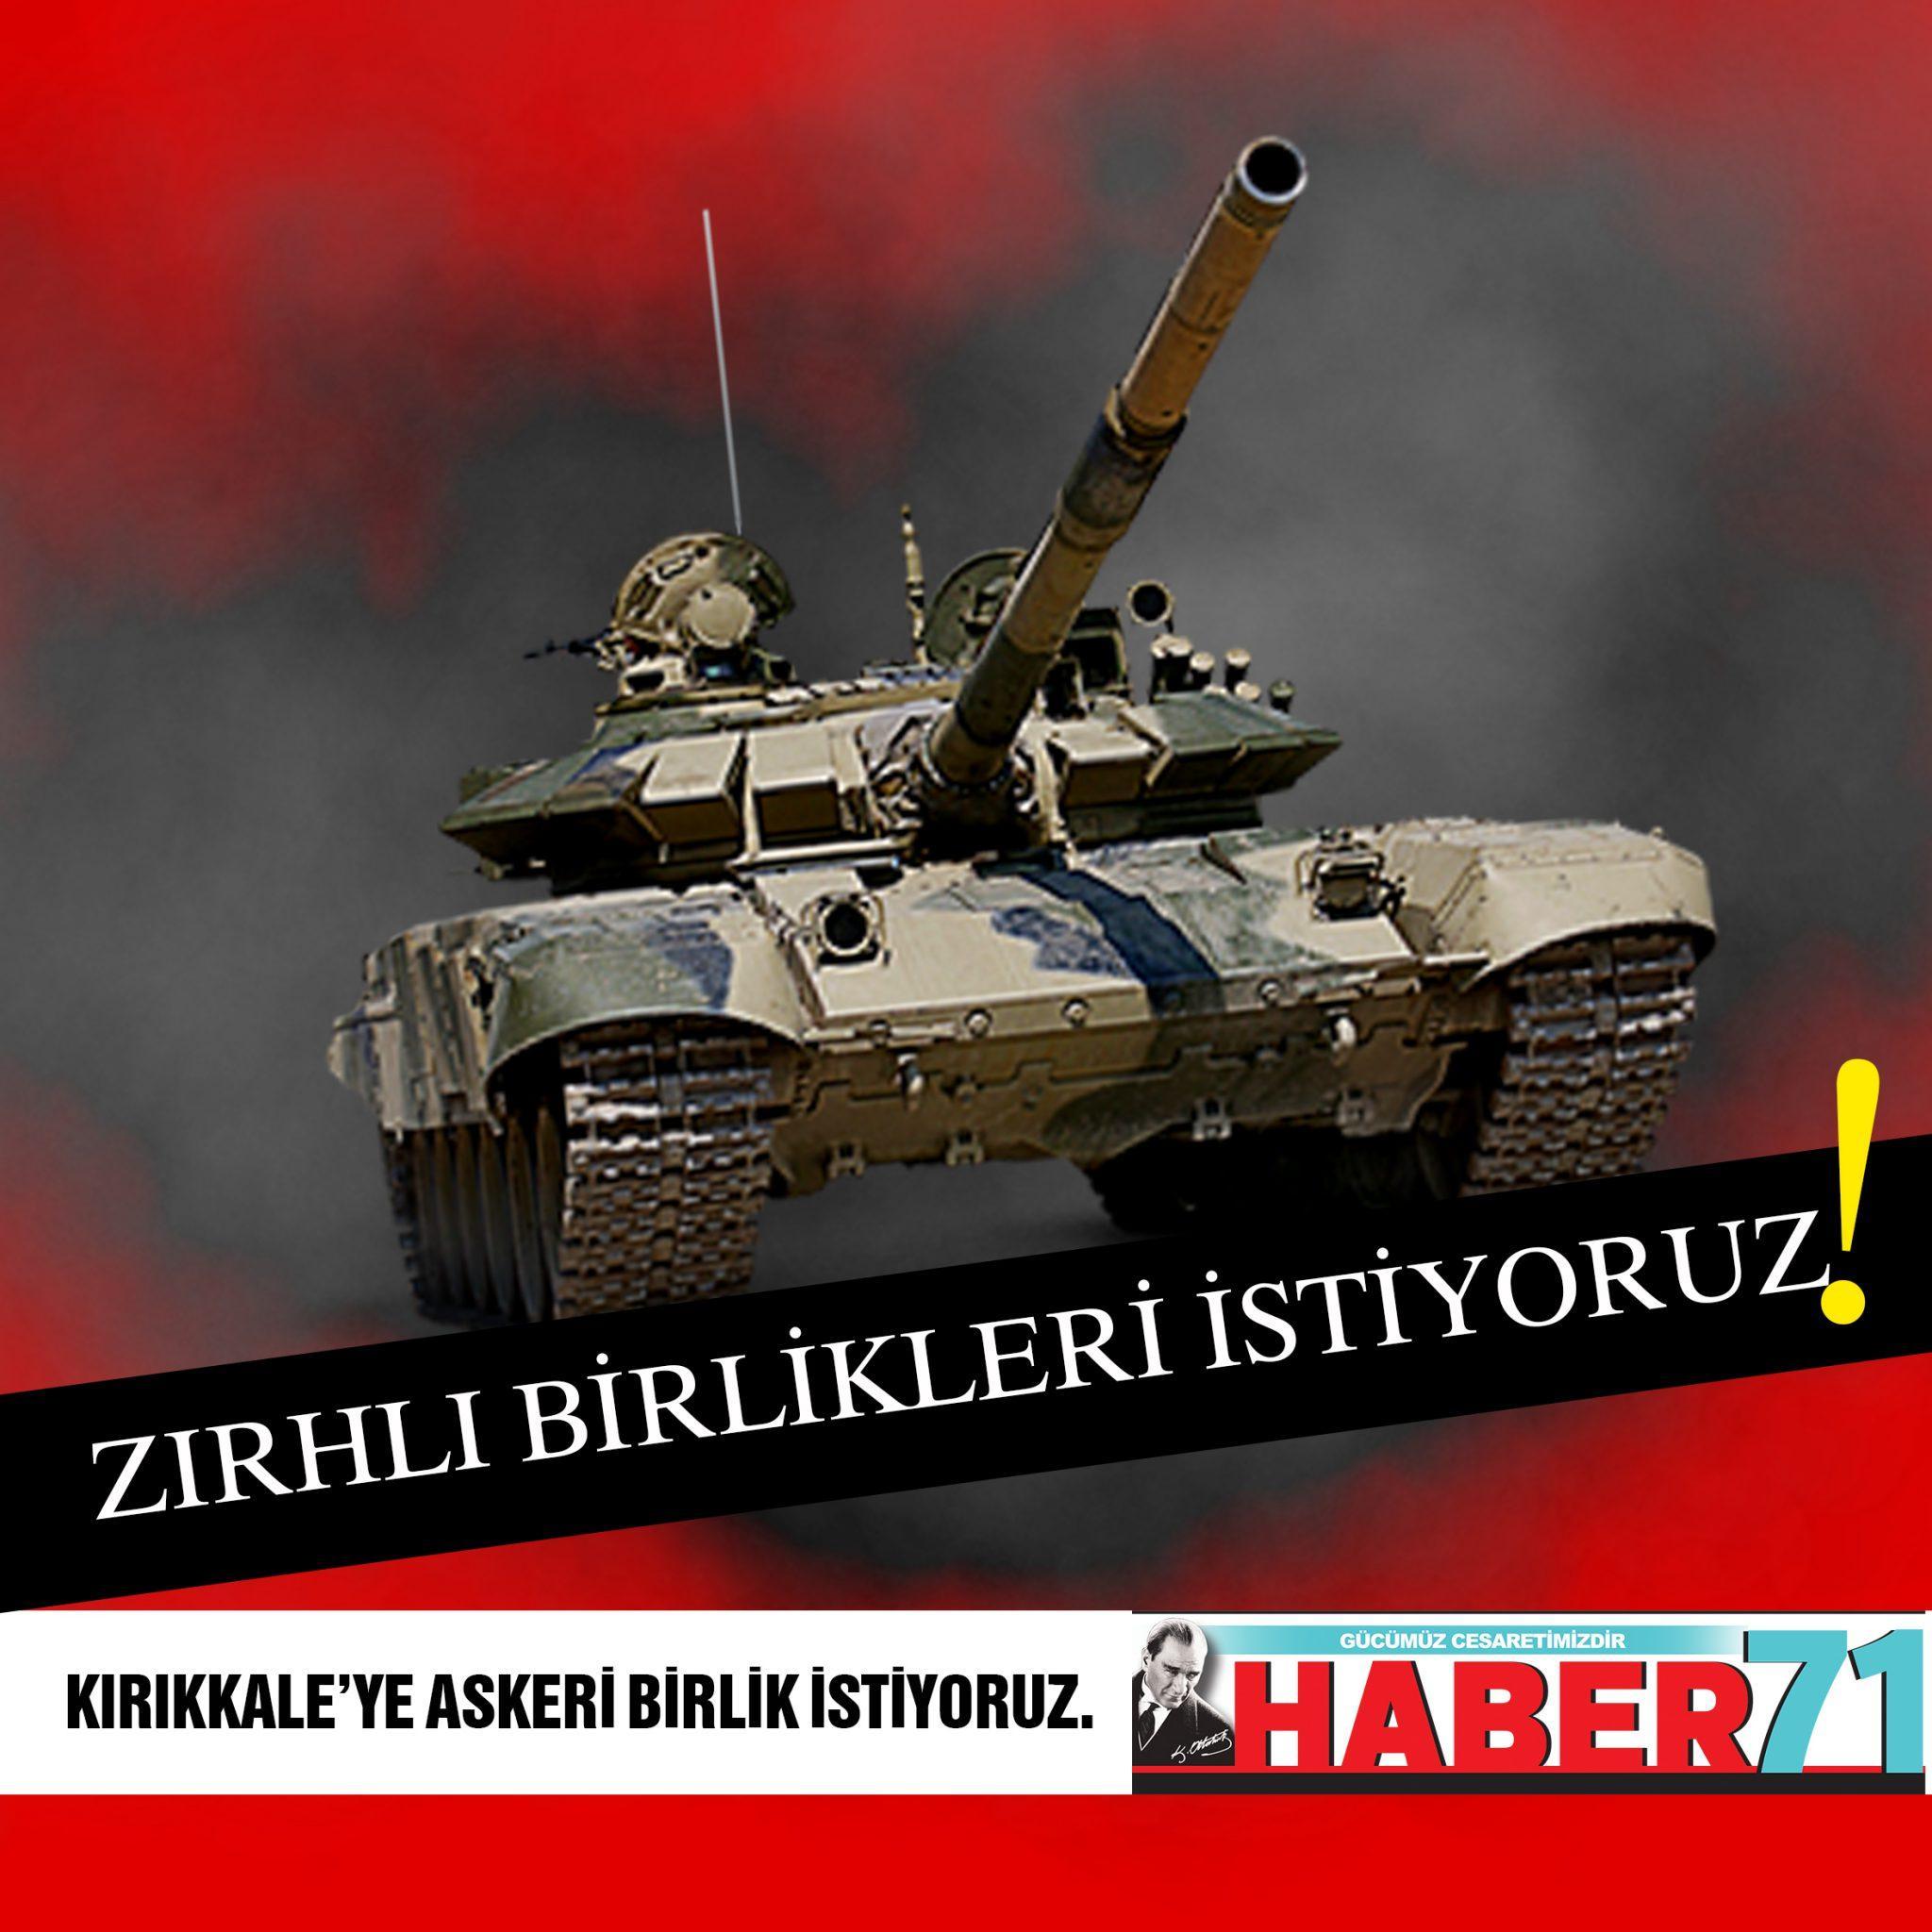 """KAMPANYAMIZA DESTEK BÜYÜYOR  """"KIRIKKALE'YE ASKERİ BİRLİK İSTİYORUZ"""""""